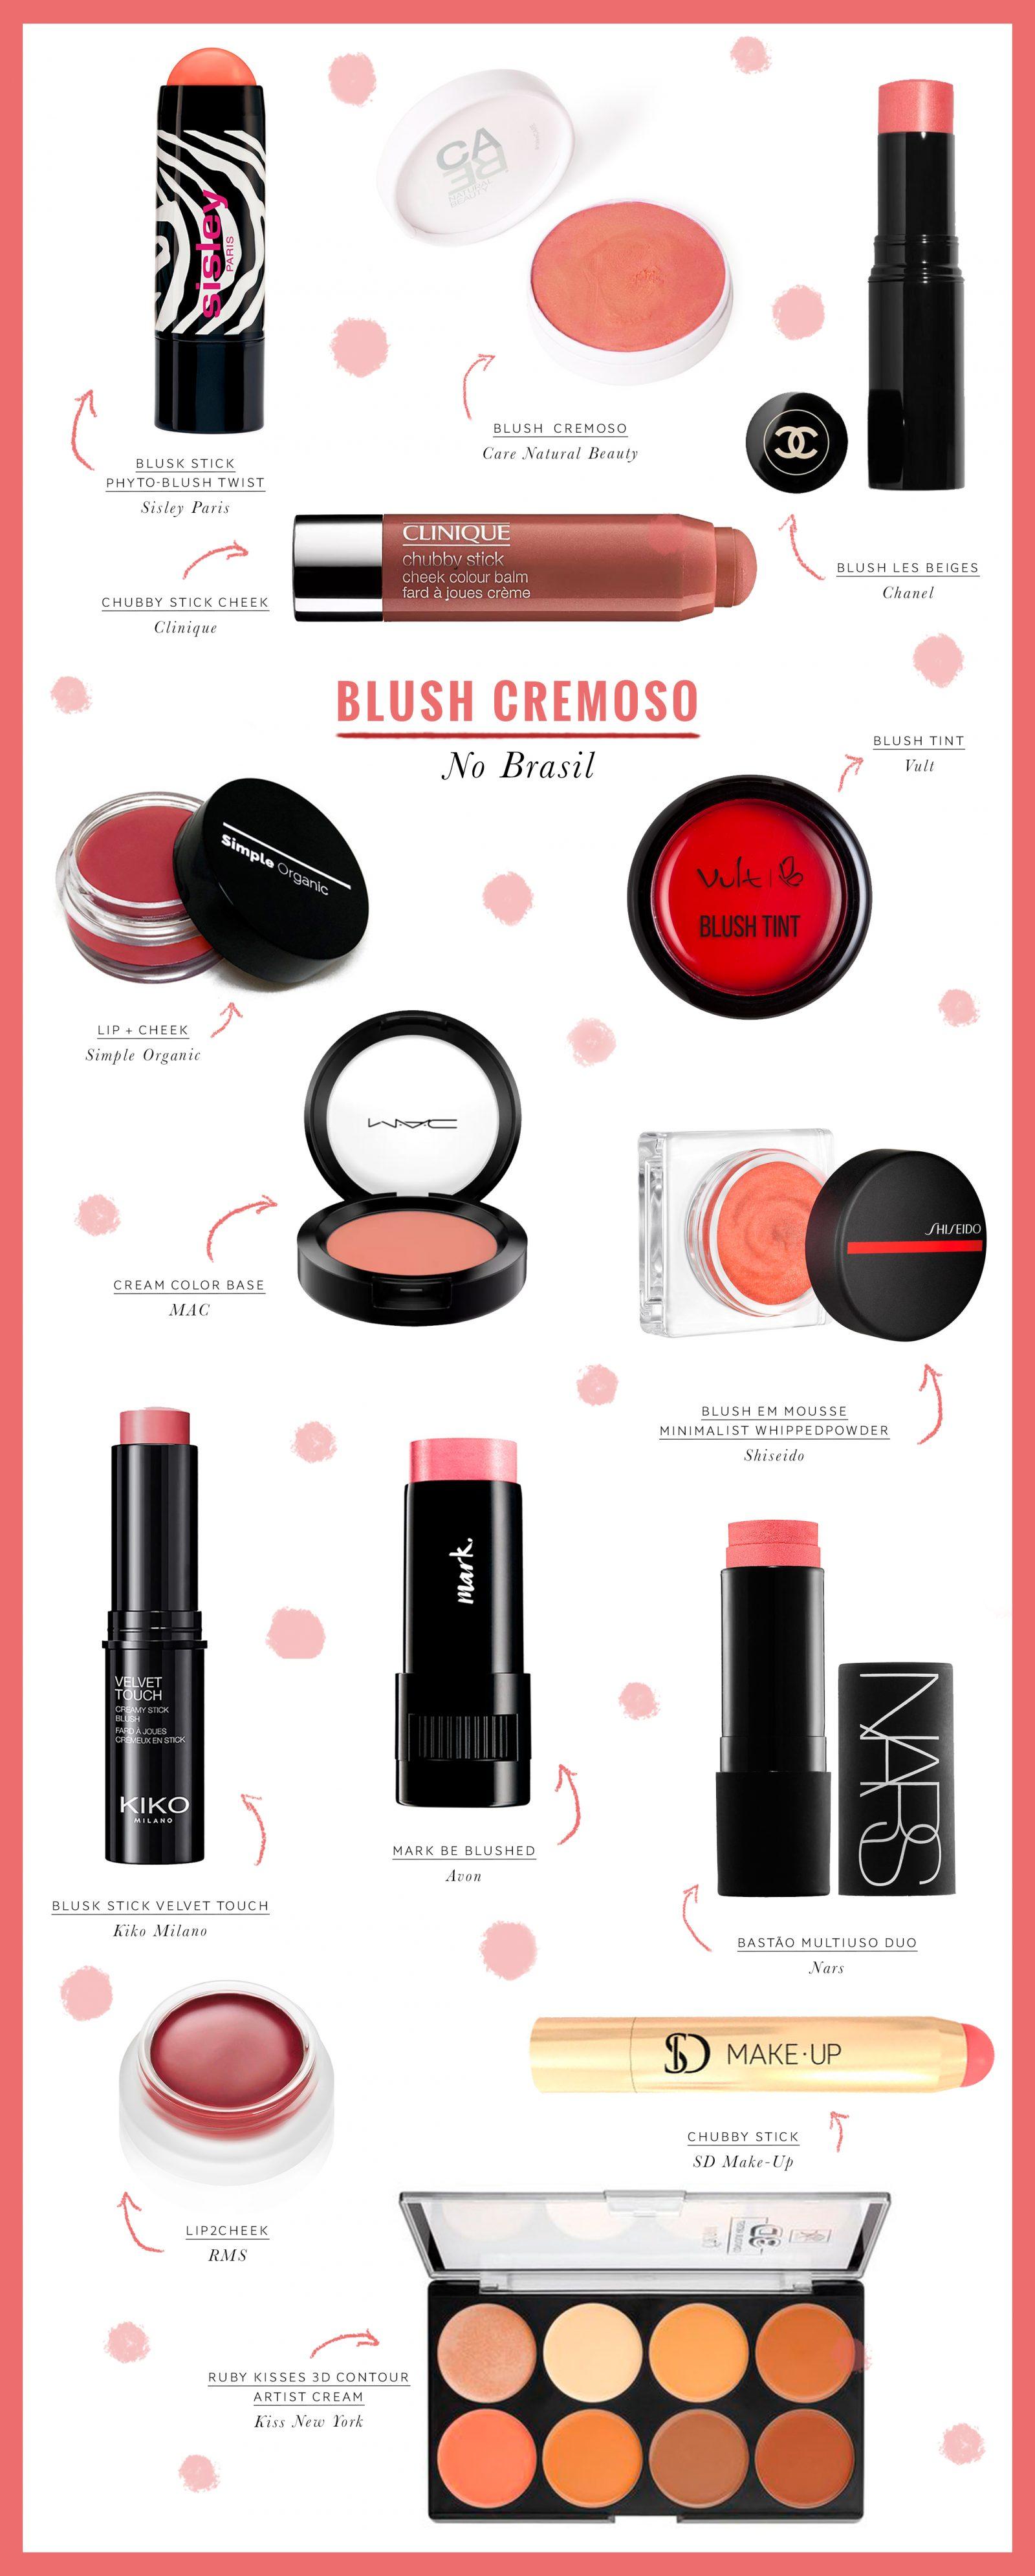 opções de blush cremoso que vende no Brasil